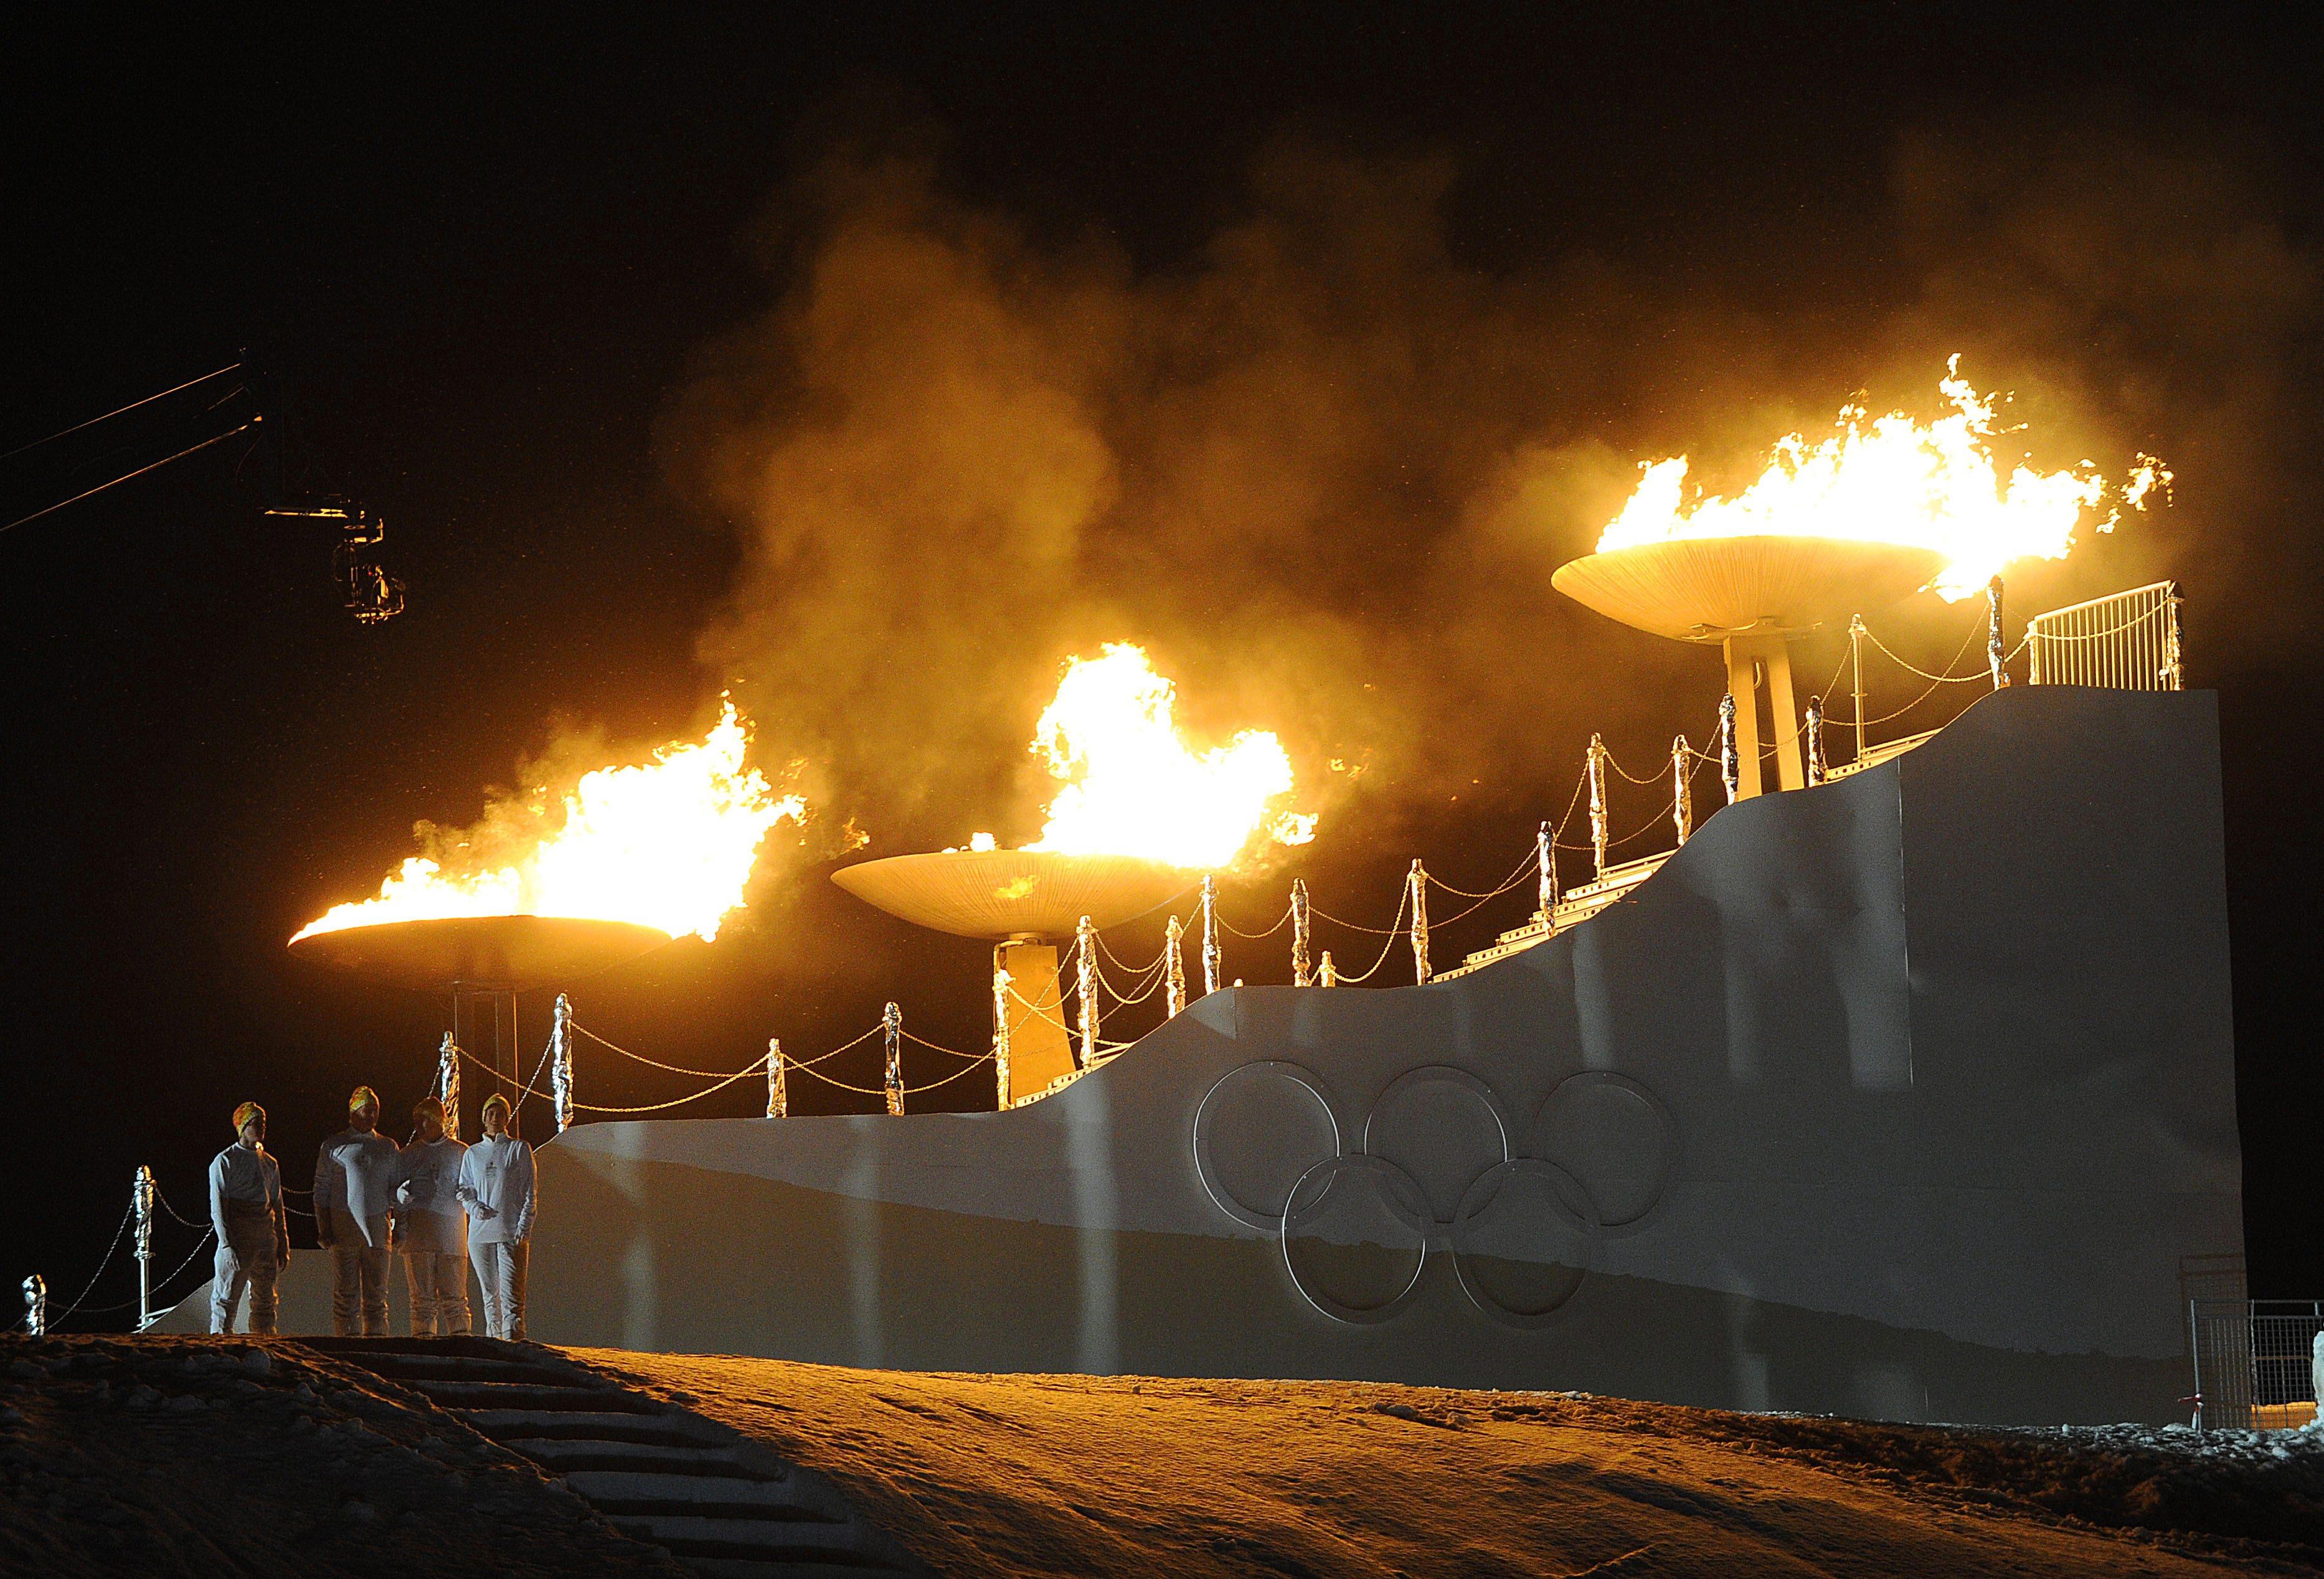 Разкриха маршрута на олимпийския огън, 8000 души в щафетата